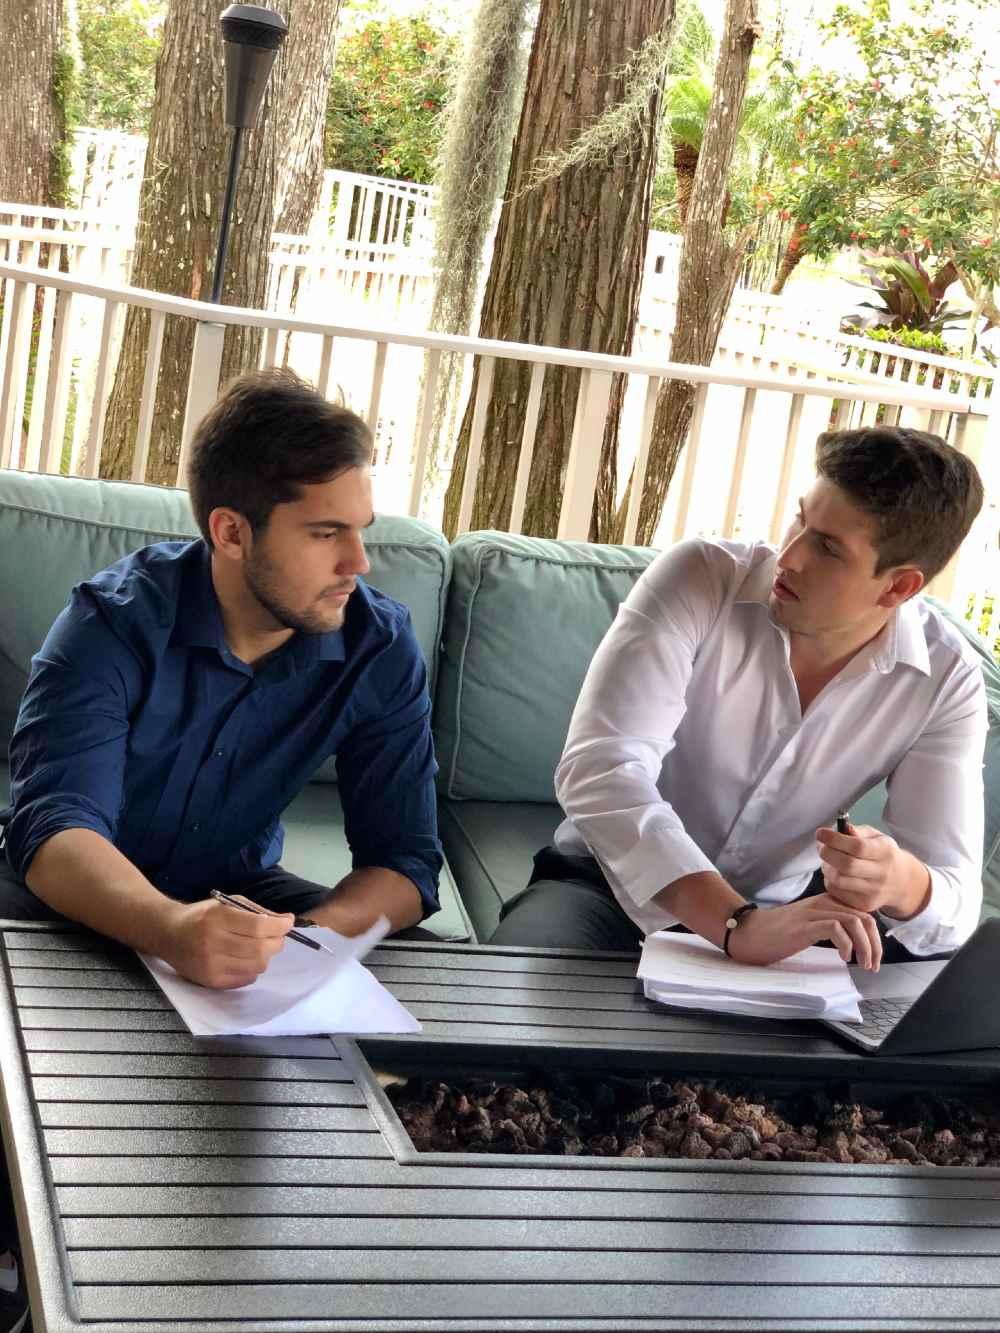 Lenardo Campolina and Gabriel Campos